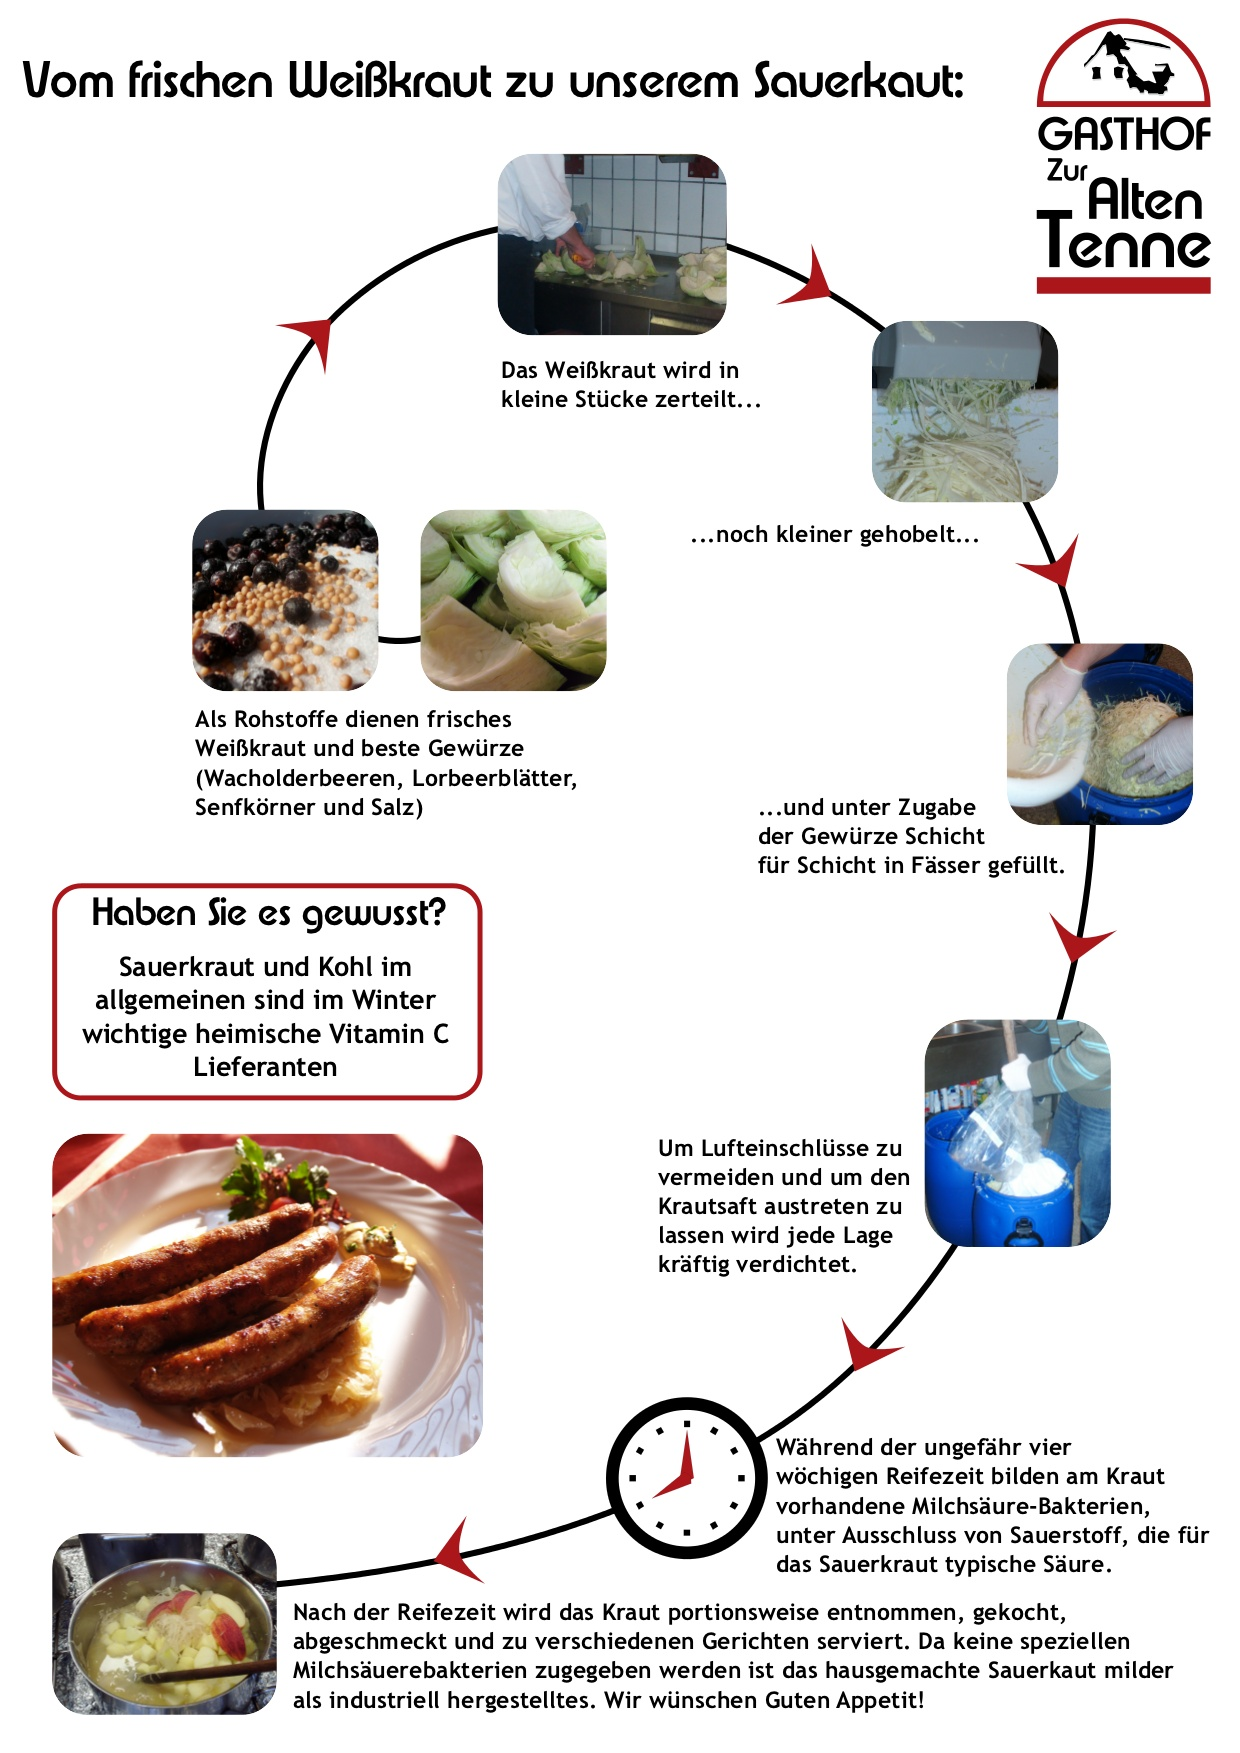 Vom frischen Weißkraut zu unsrem Sauerkraut